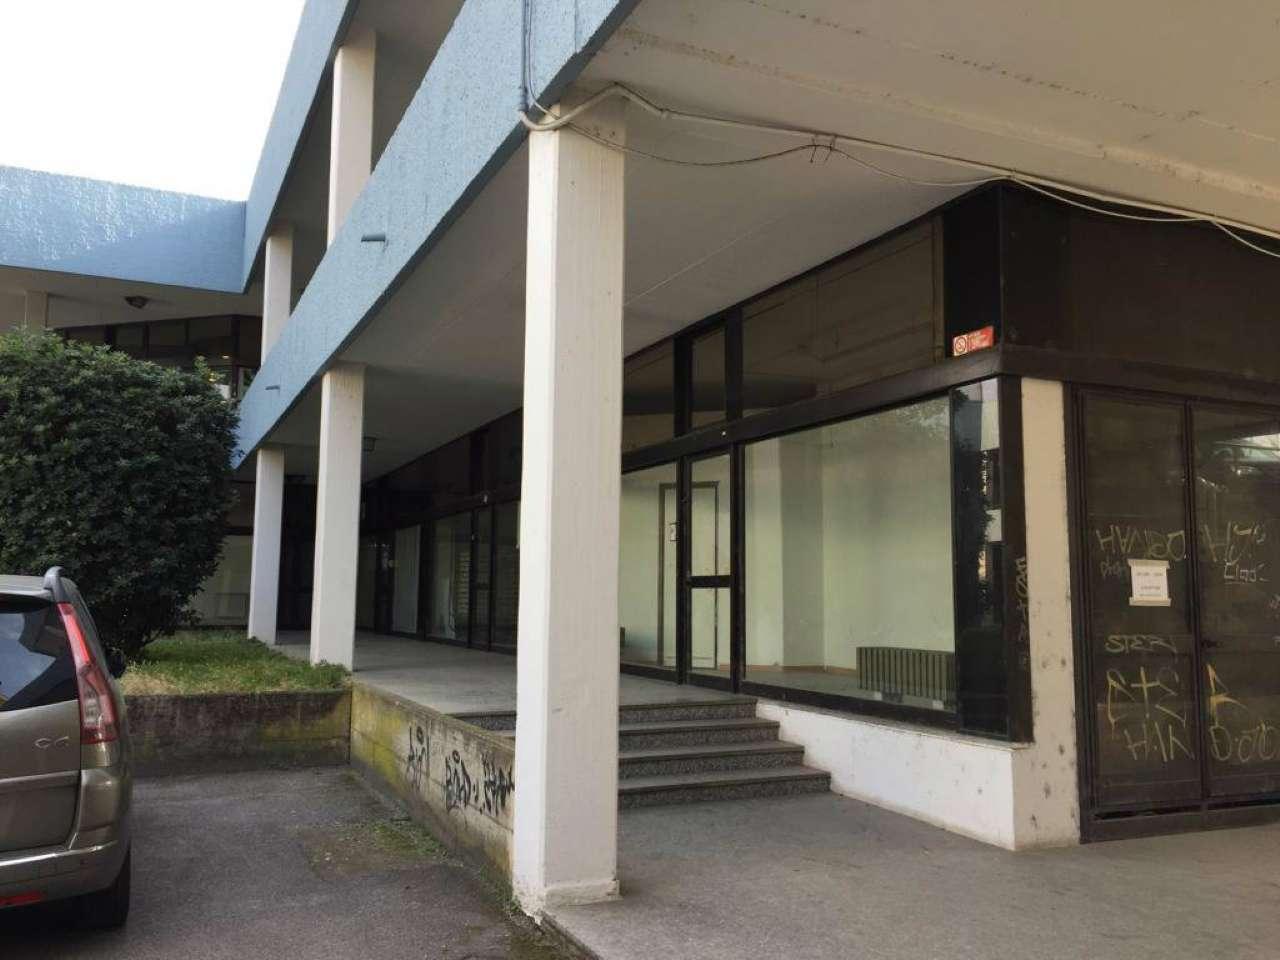 Negozio / Locale in affitto a Rezzato, 2 locali, prezzo € 750 | CambioCasa.it